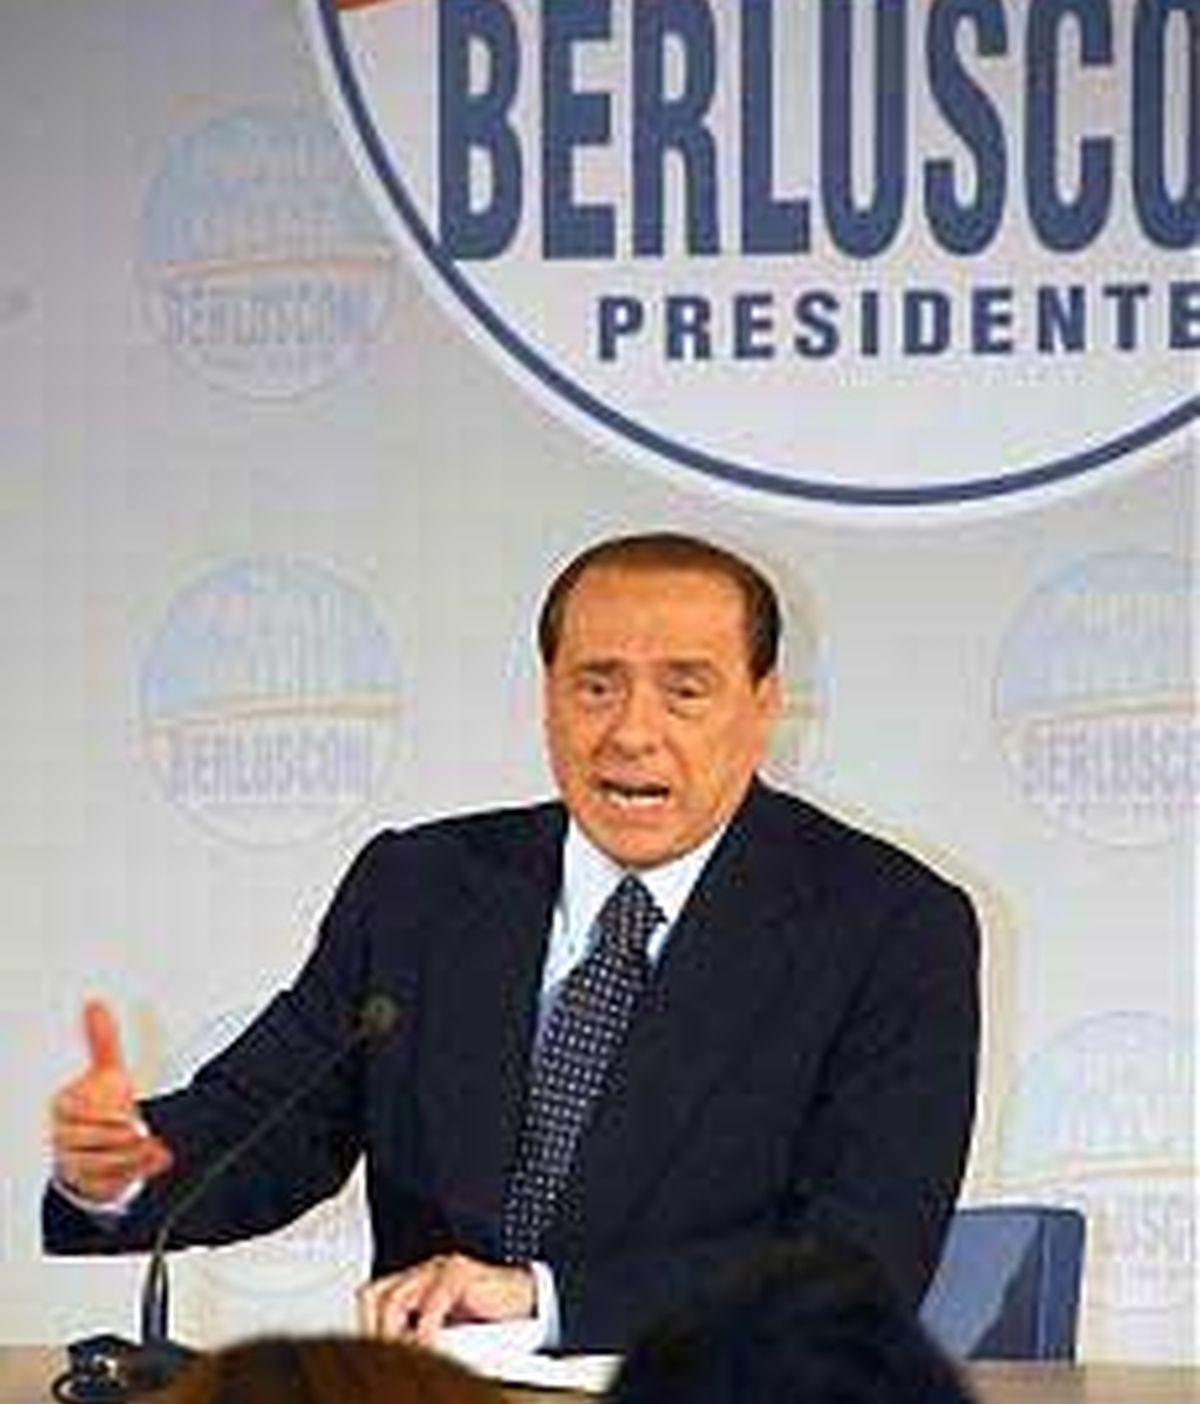 El primer ministro italiano, Silvio Berlusconi, investigado el uso que hace de los aviones de Estado. Foto 'La Repubblica.it'